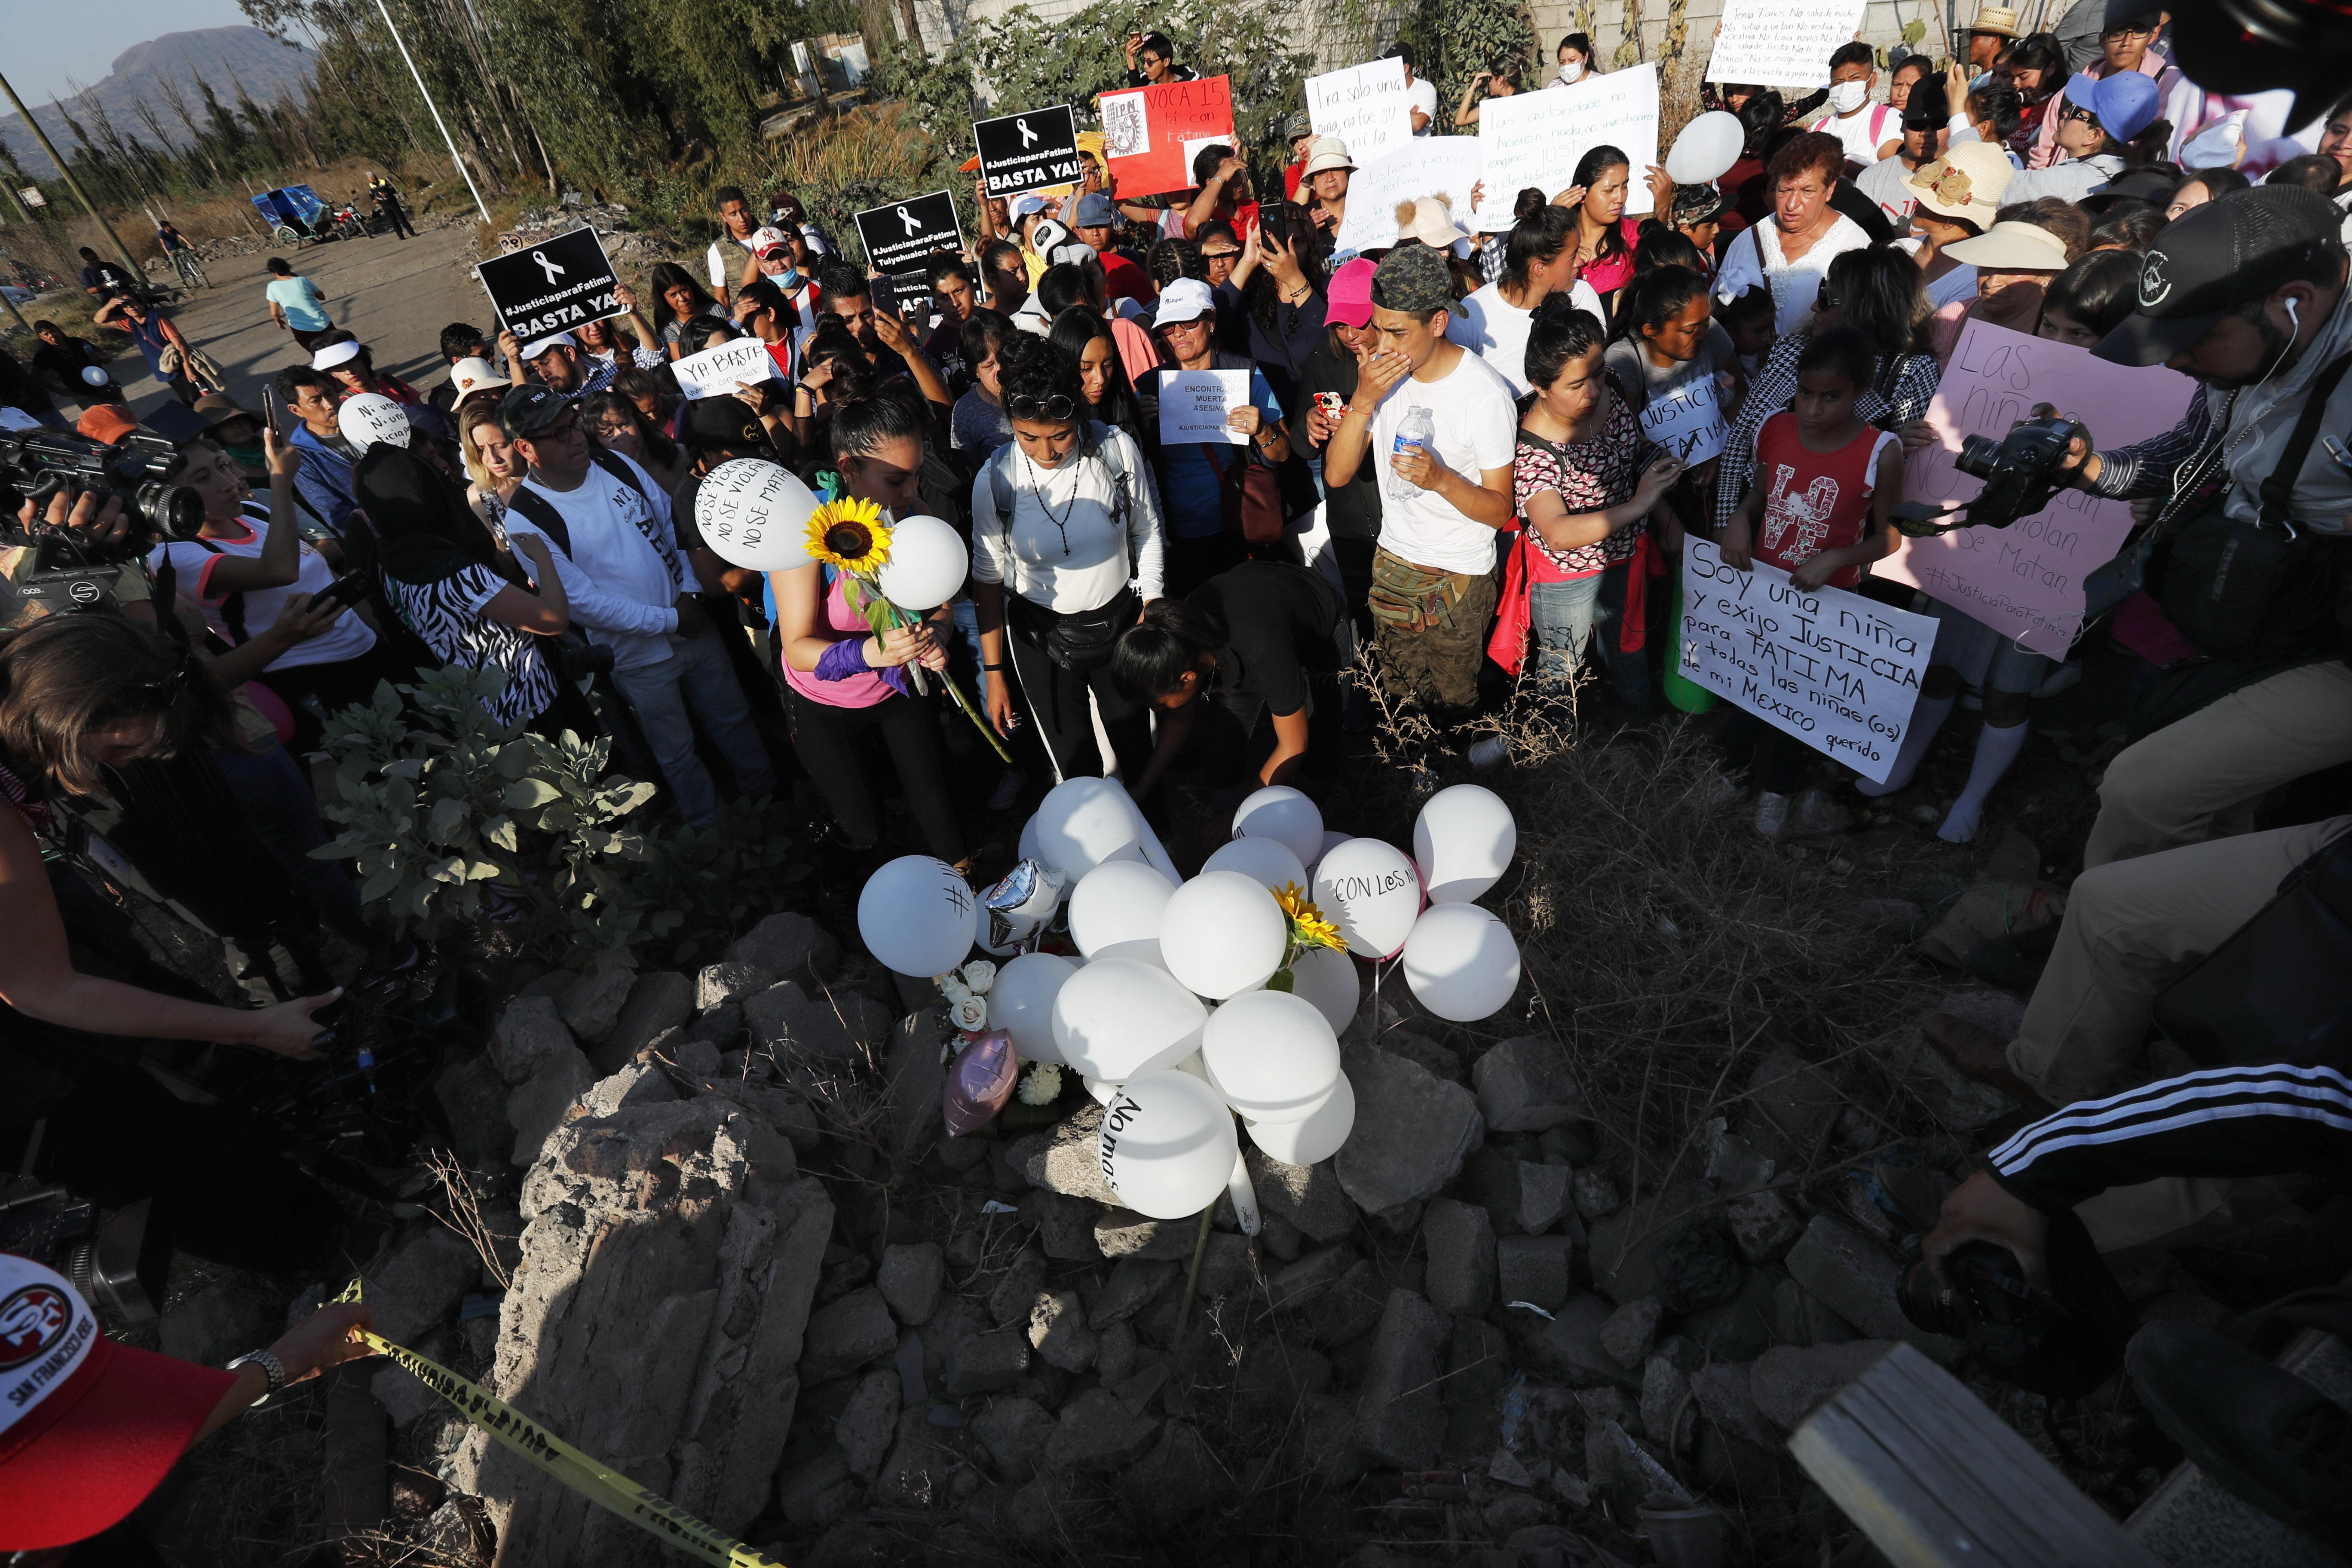 غضب في المكسيك بعد قتل طفلة عمرها 7 سنوات